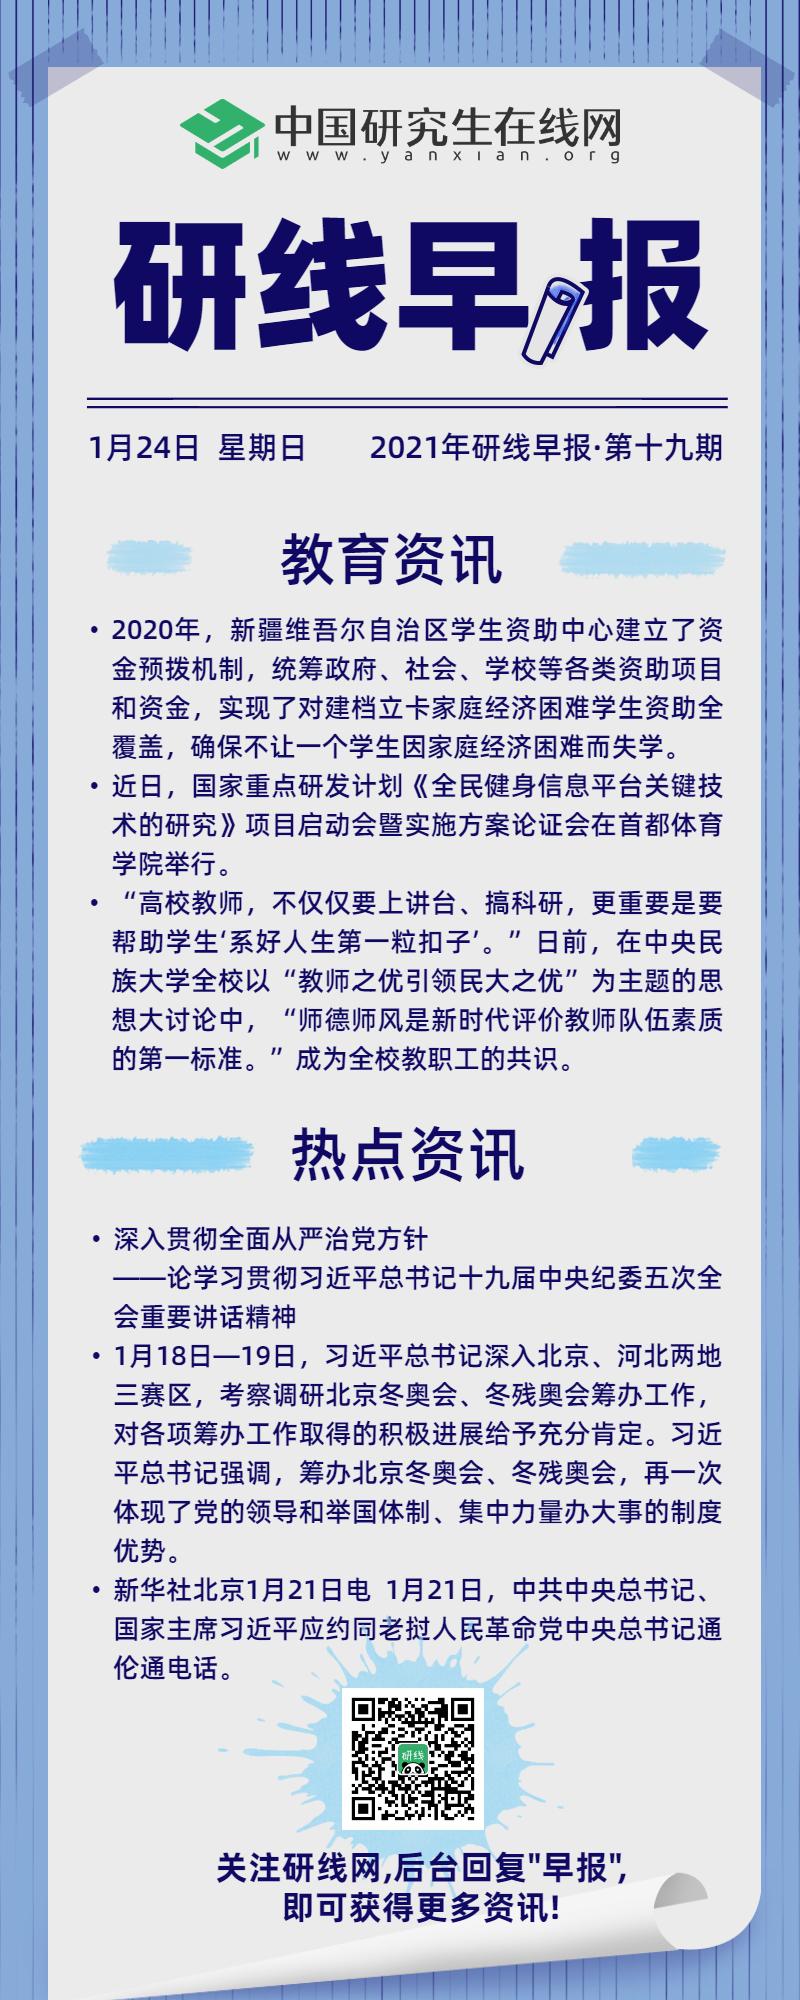 【2021年研线早报·第十九期】1月24日